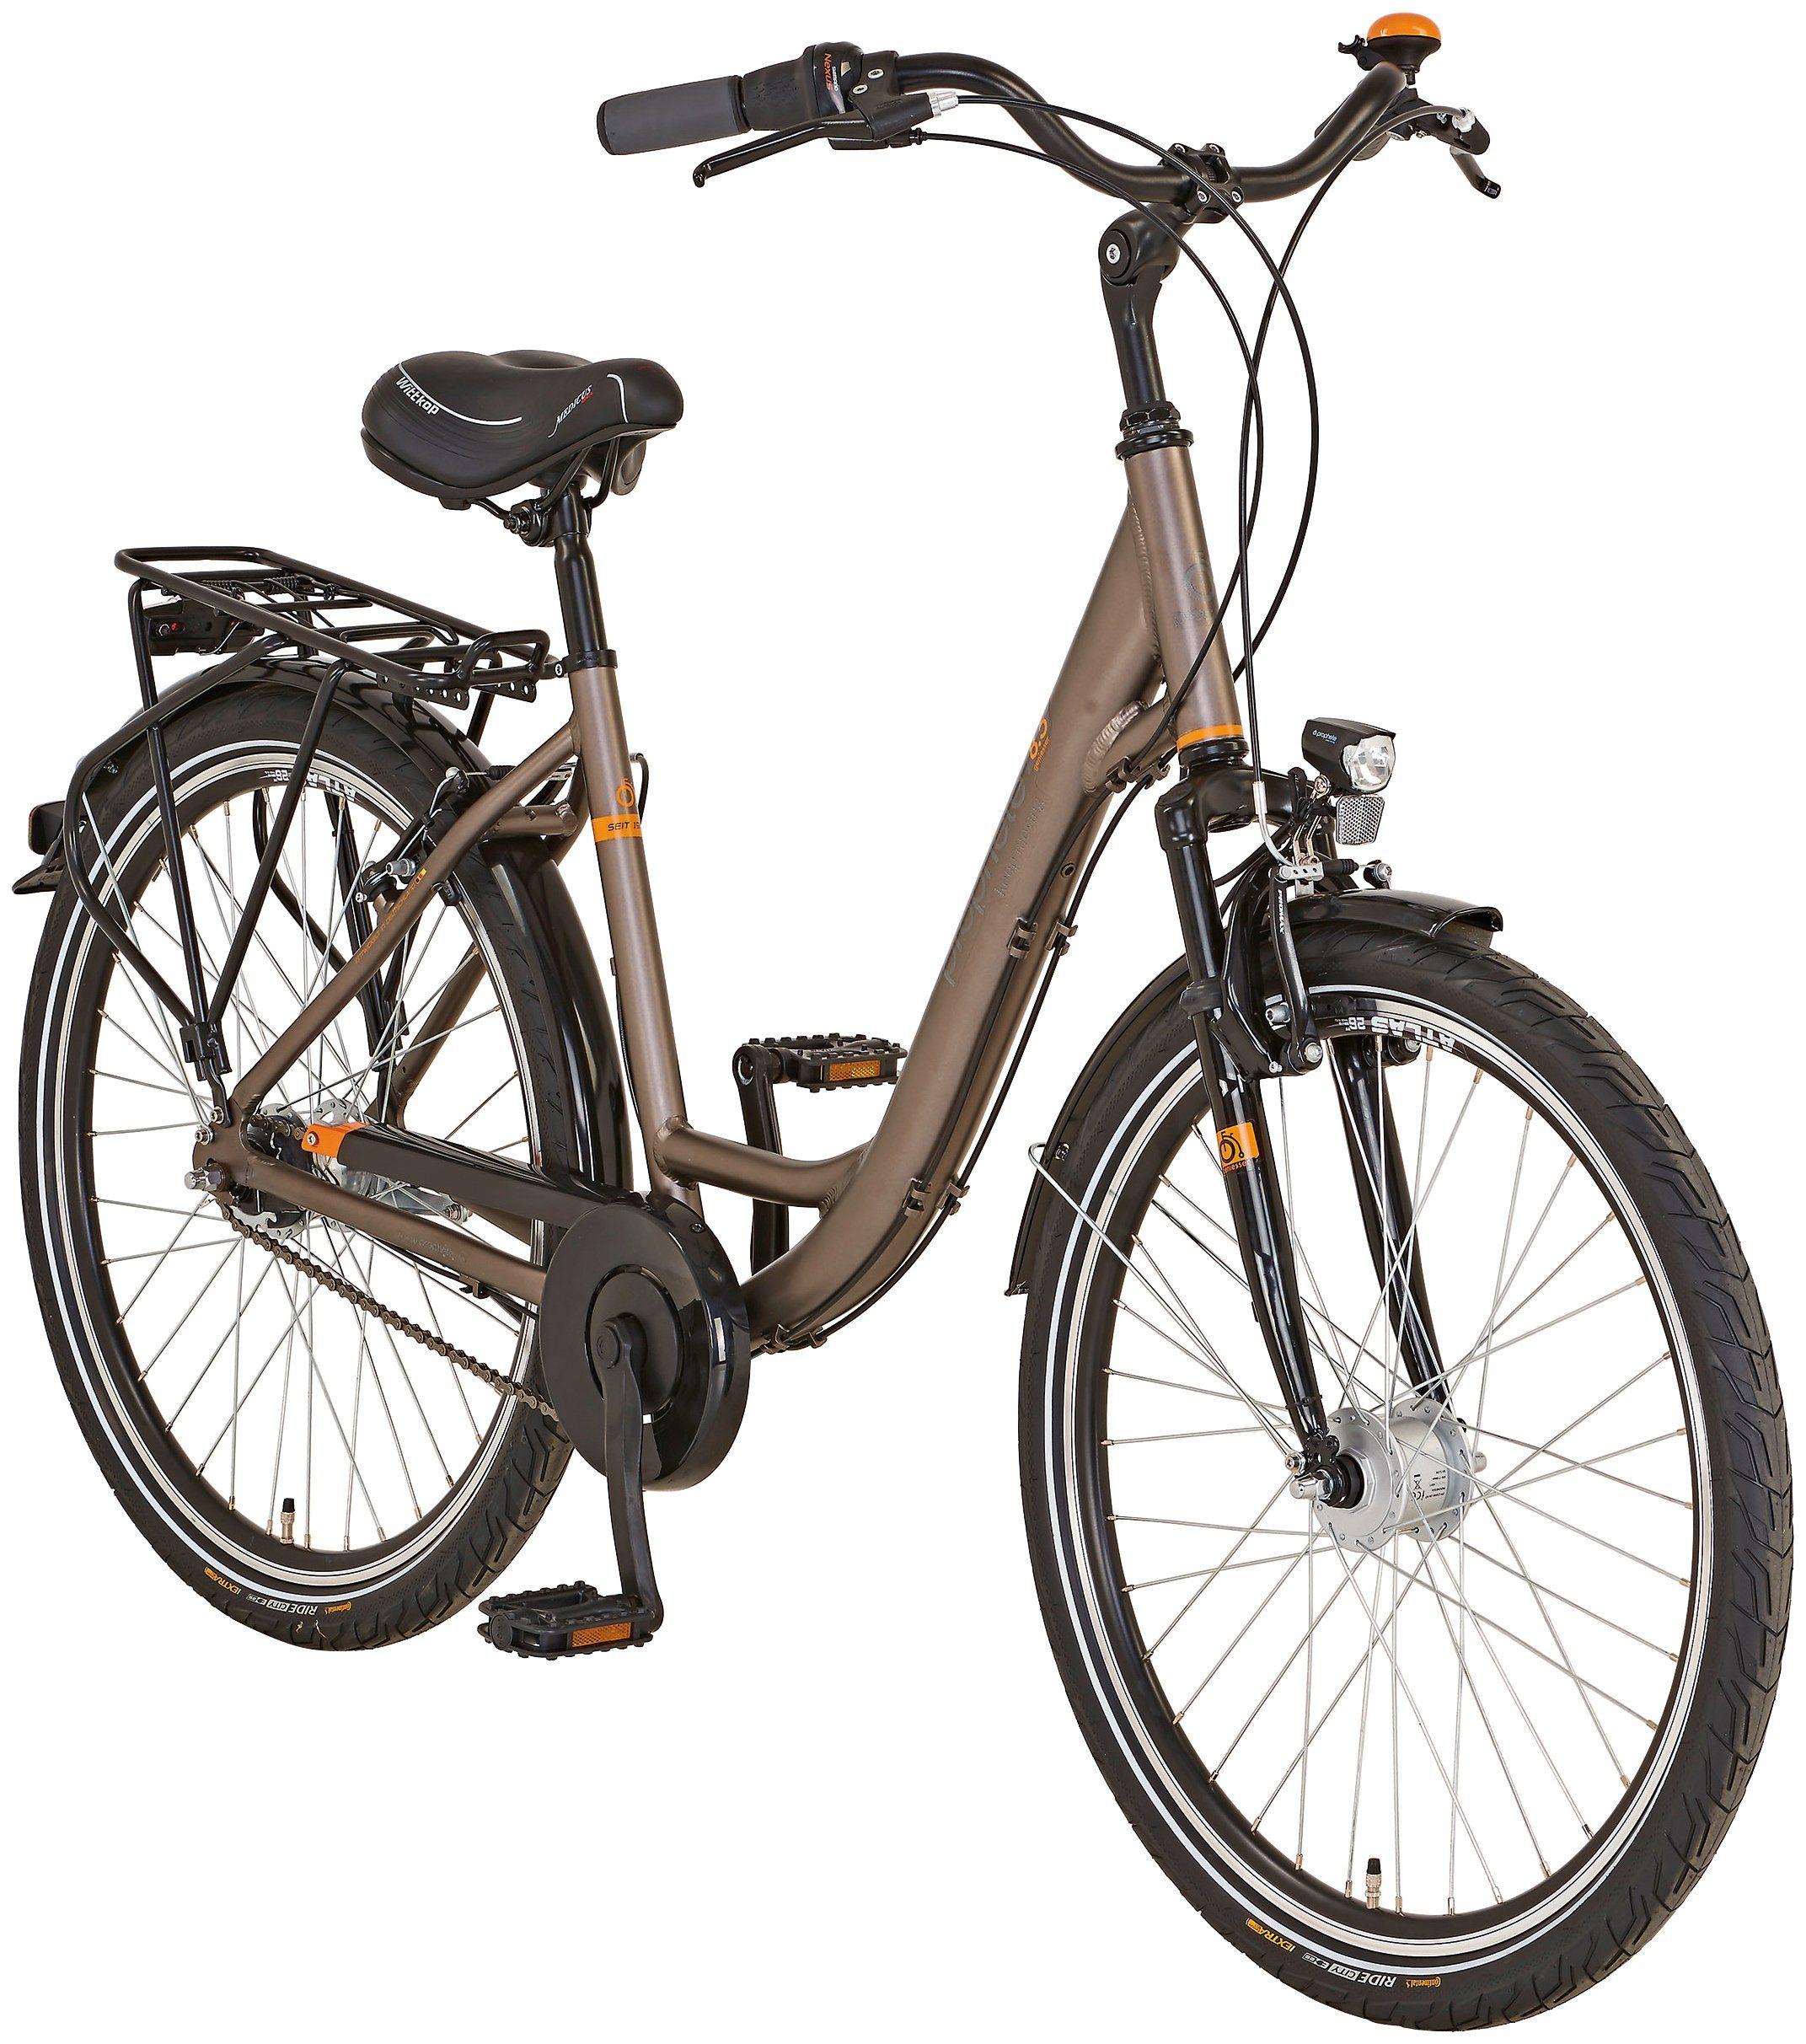 PROPHETE Citybike Damen »Alu-City GENIESSER 8.5«, 26 Zoll, 7 Gang, Rohrgepäckträger